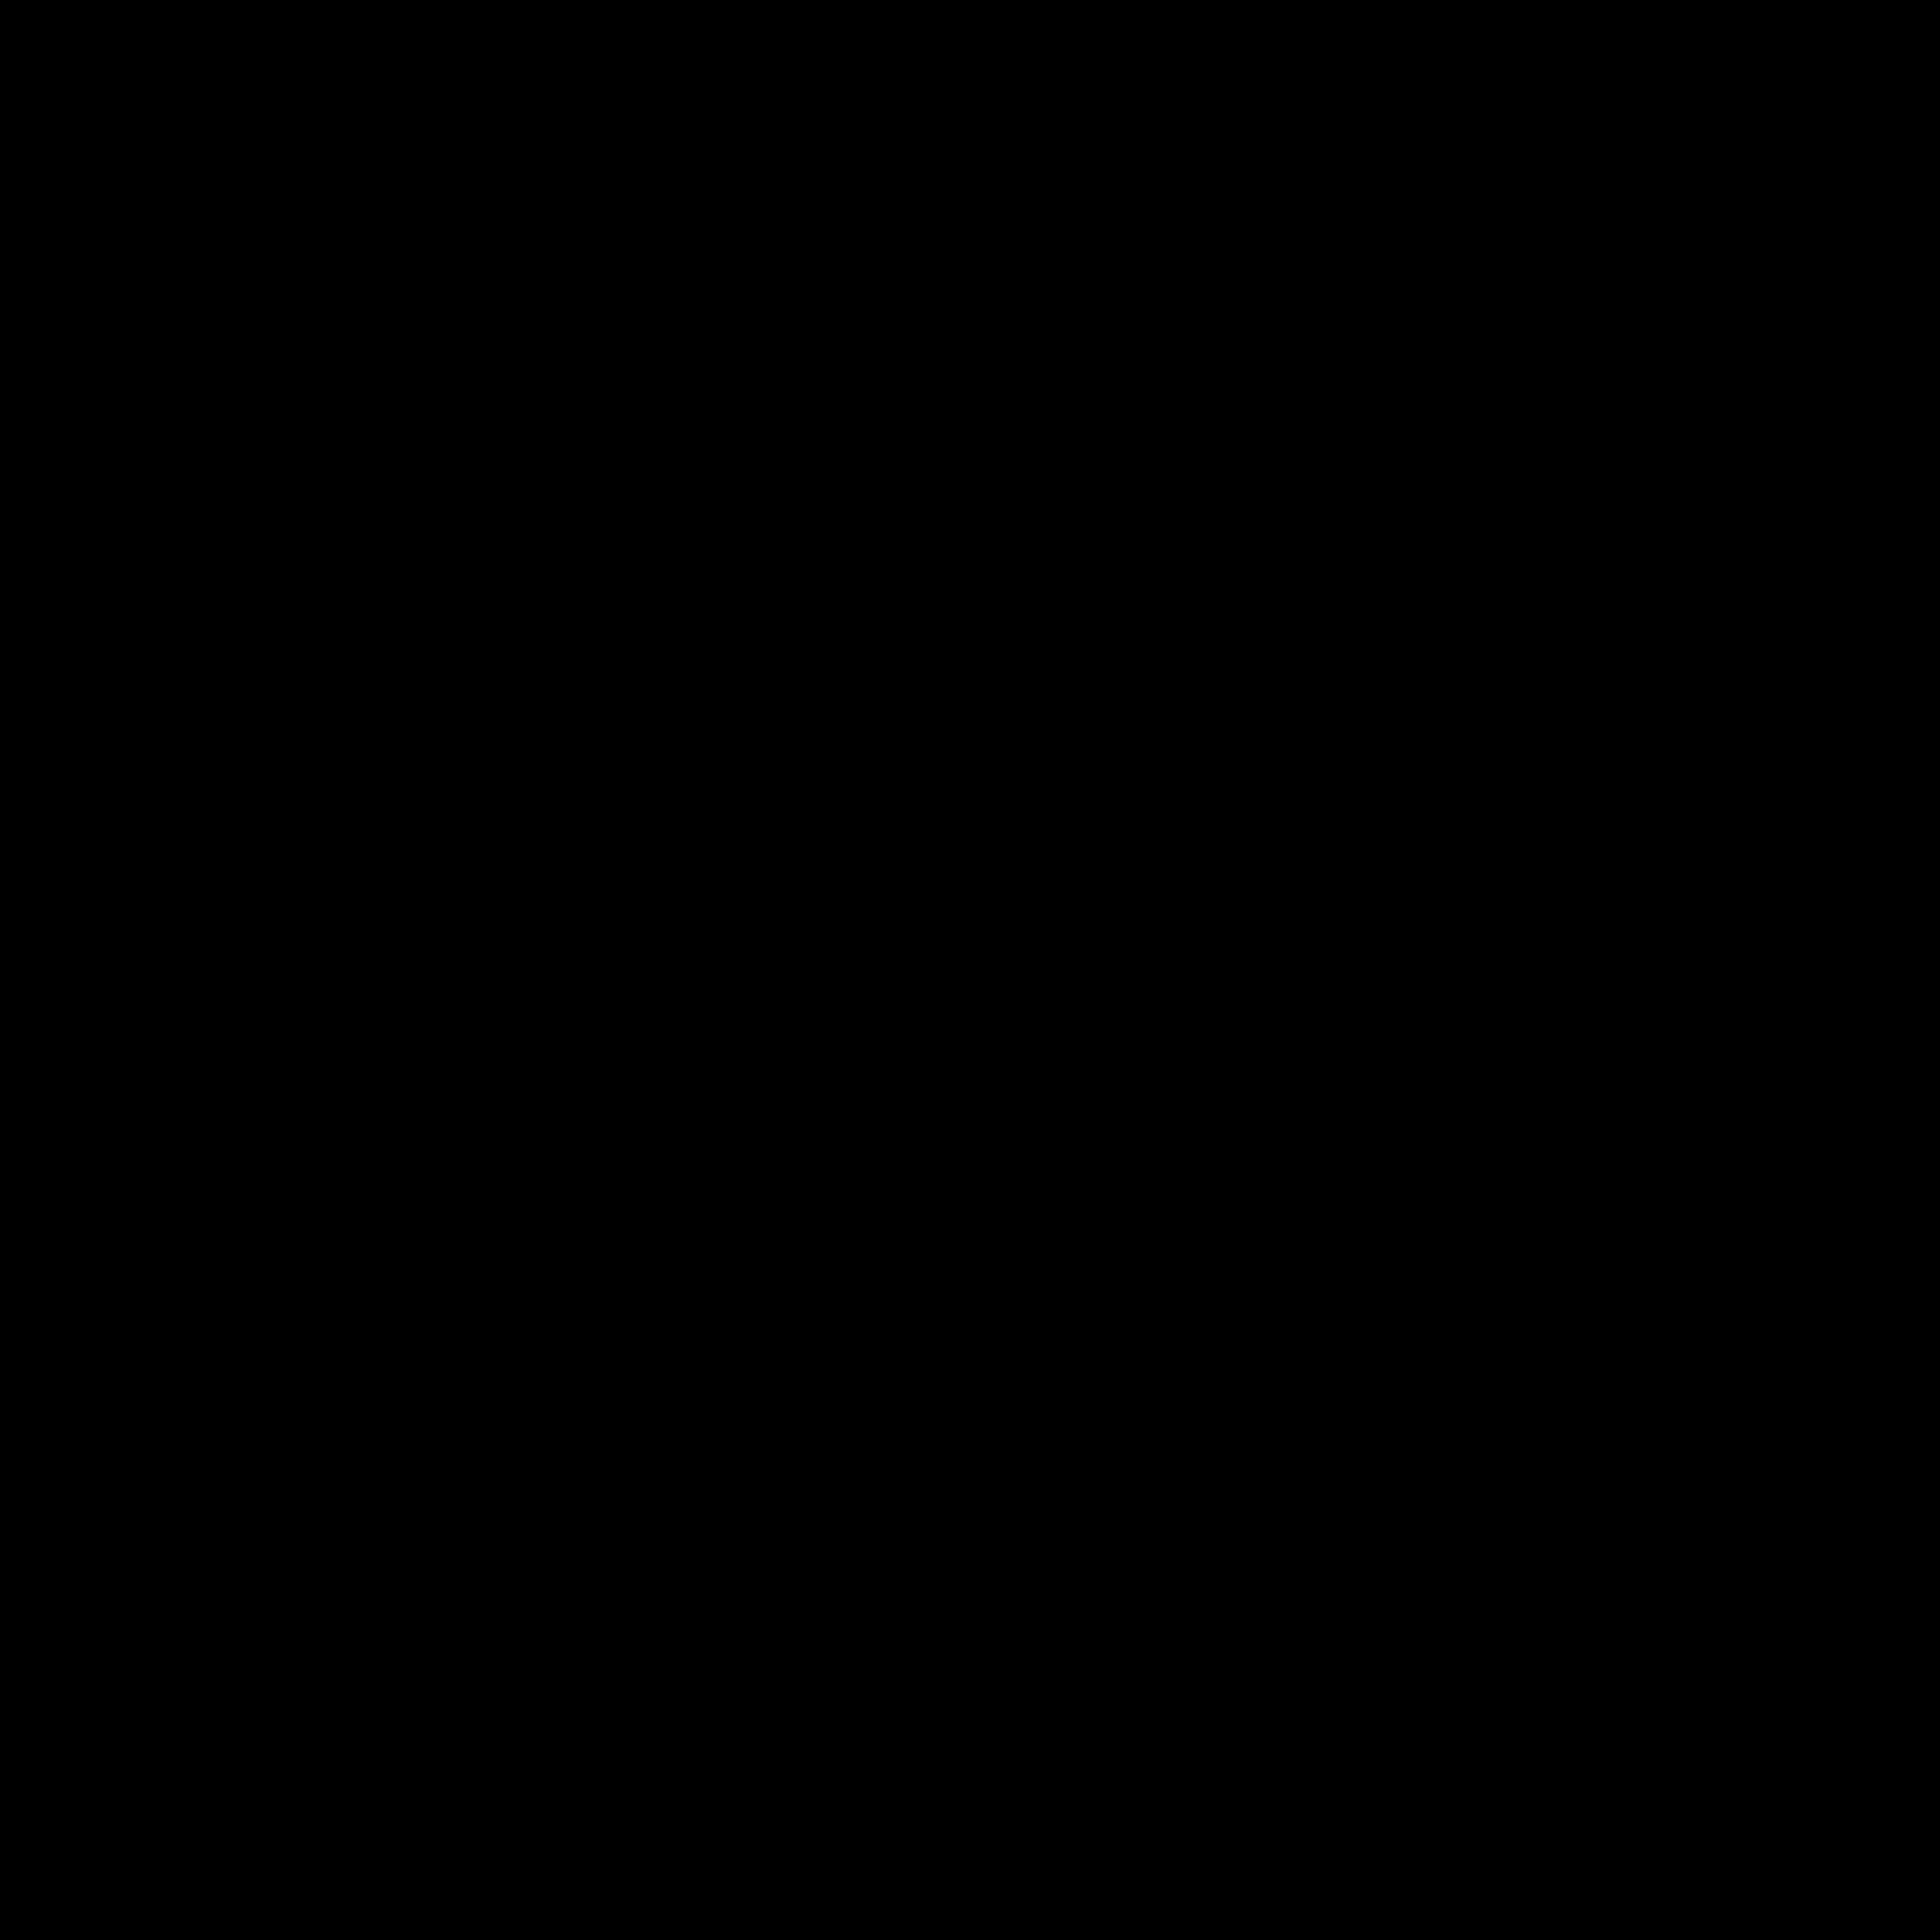 2000x2000 Filedice 6 B.svg